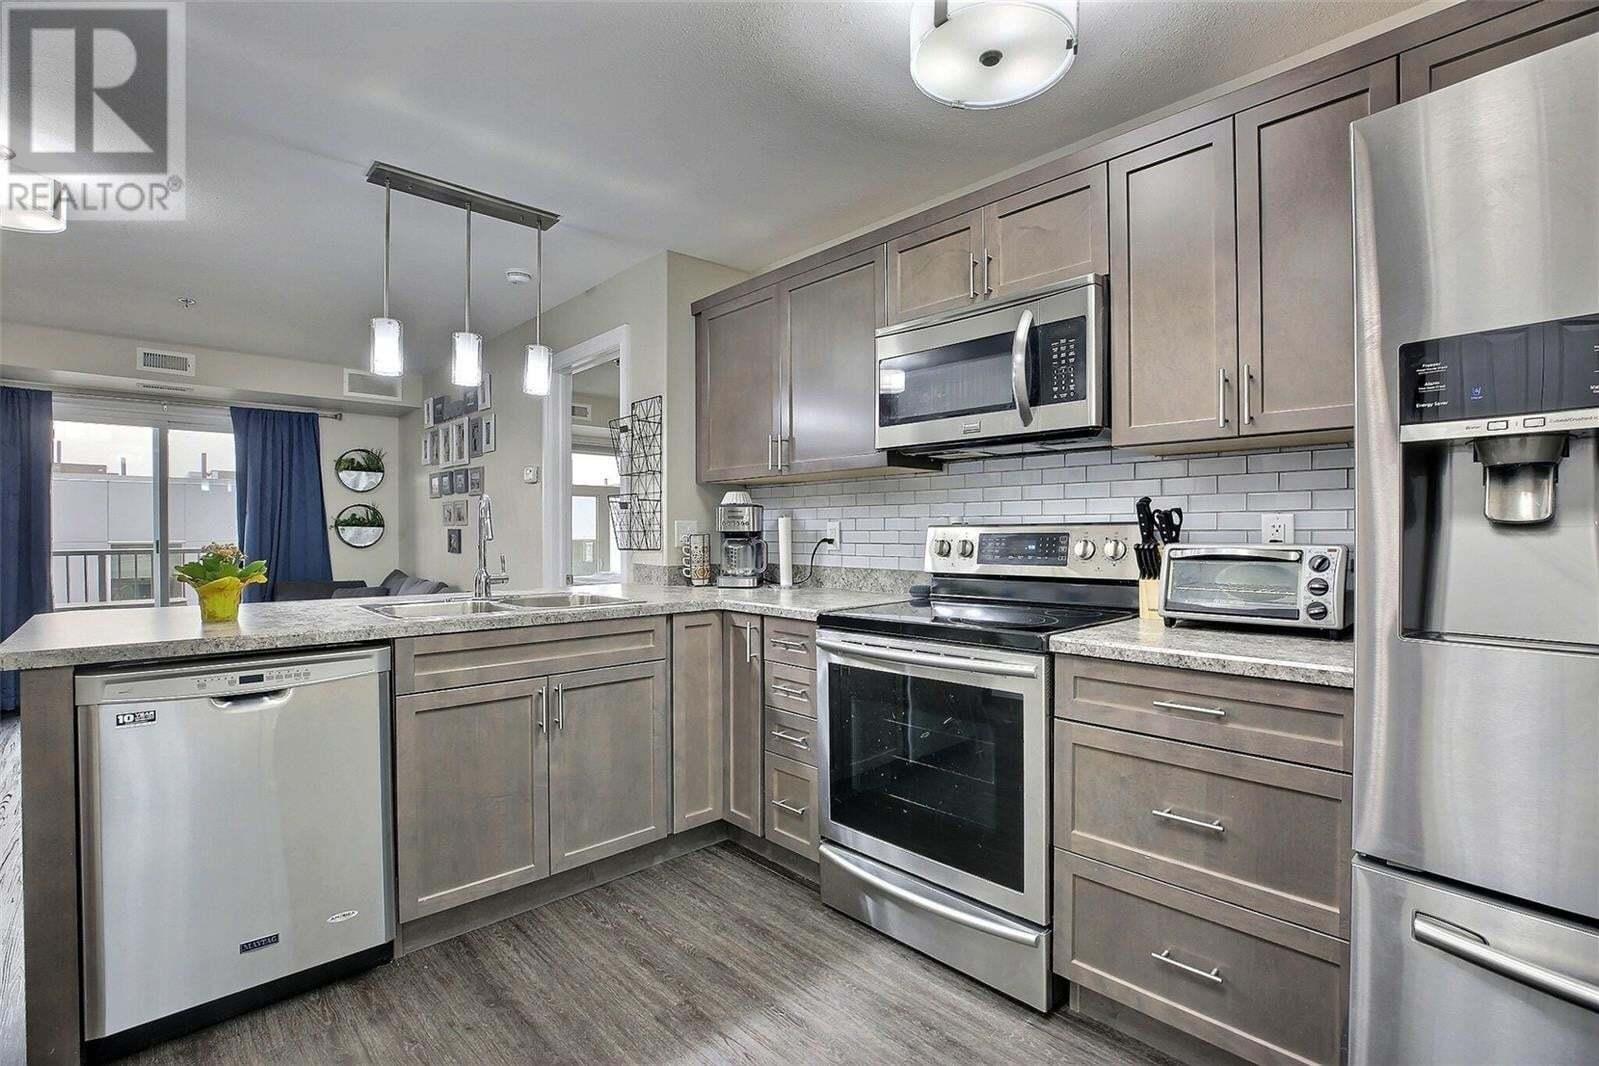 216 - 3630 Haughton Road E, Regina | Image 2